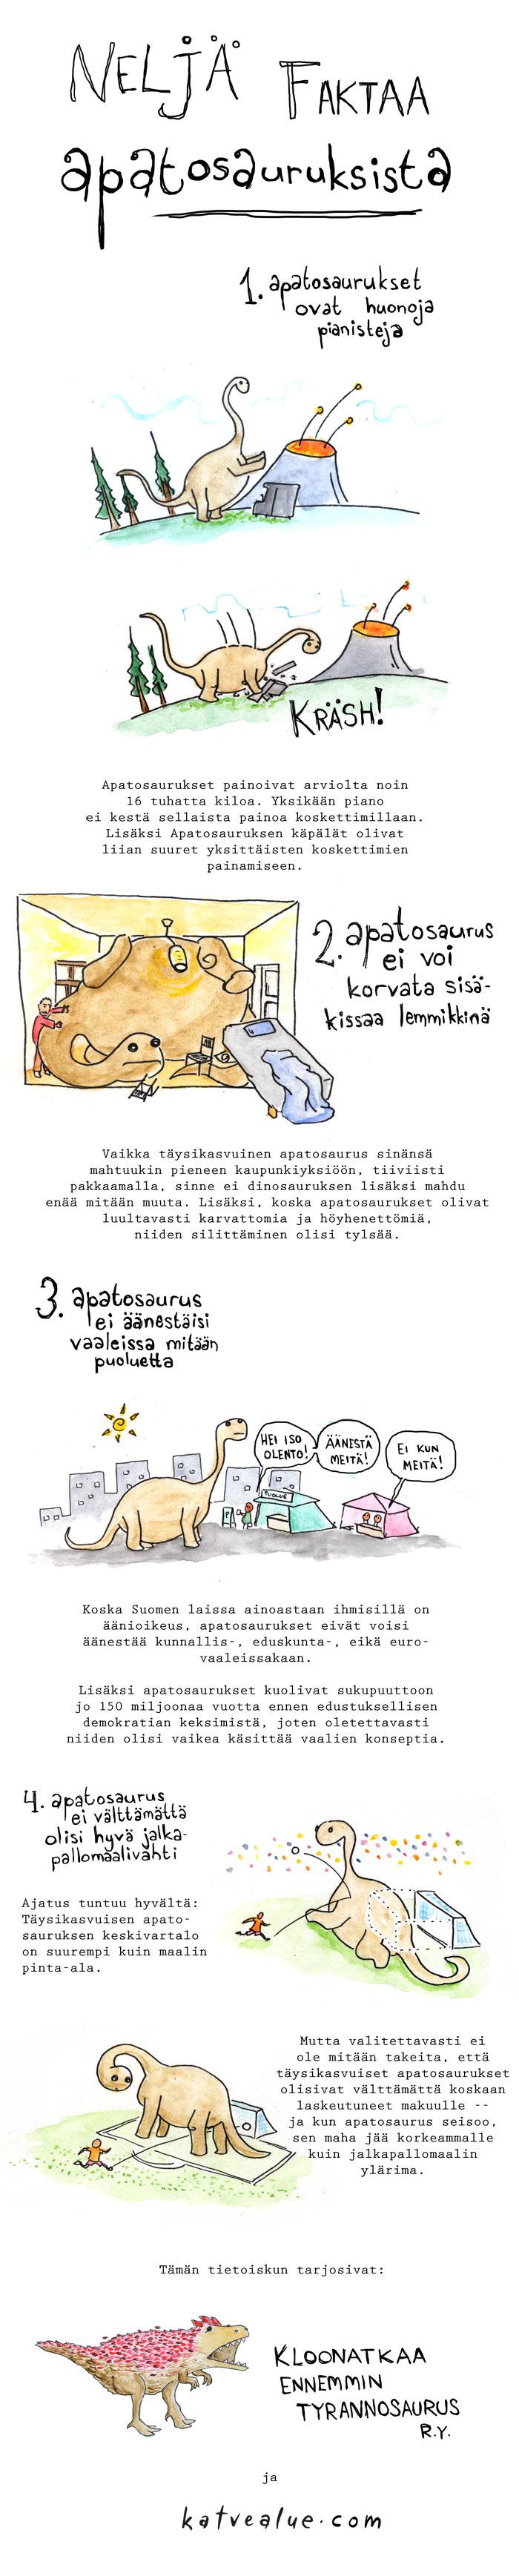 Neljä faktaa apatosauruksista